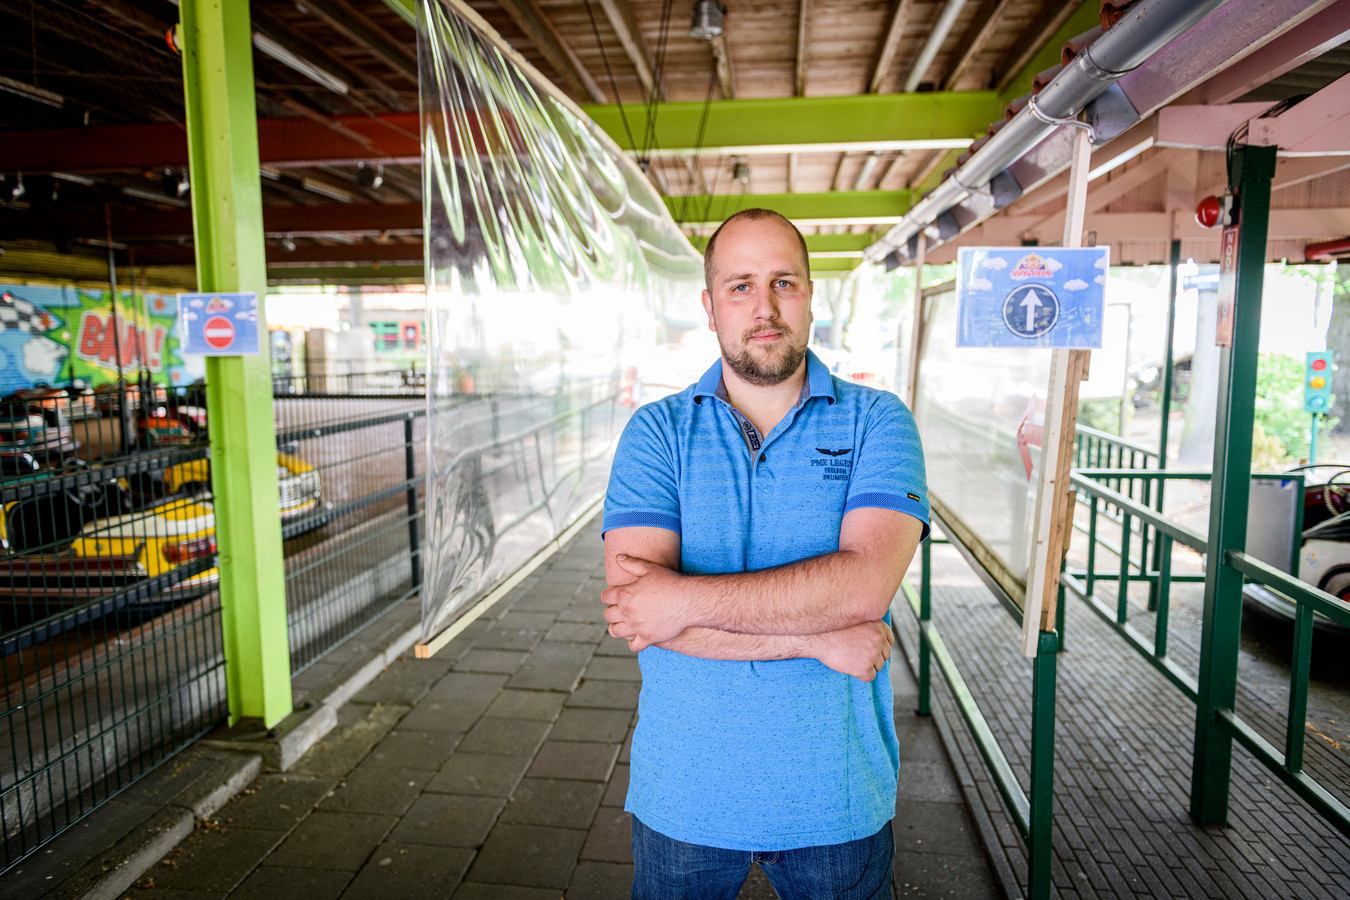 Directeur Kevin Moespot van attractiepark De Waarbeek introduceert een bliksemtarief.